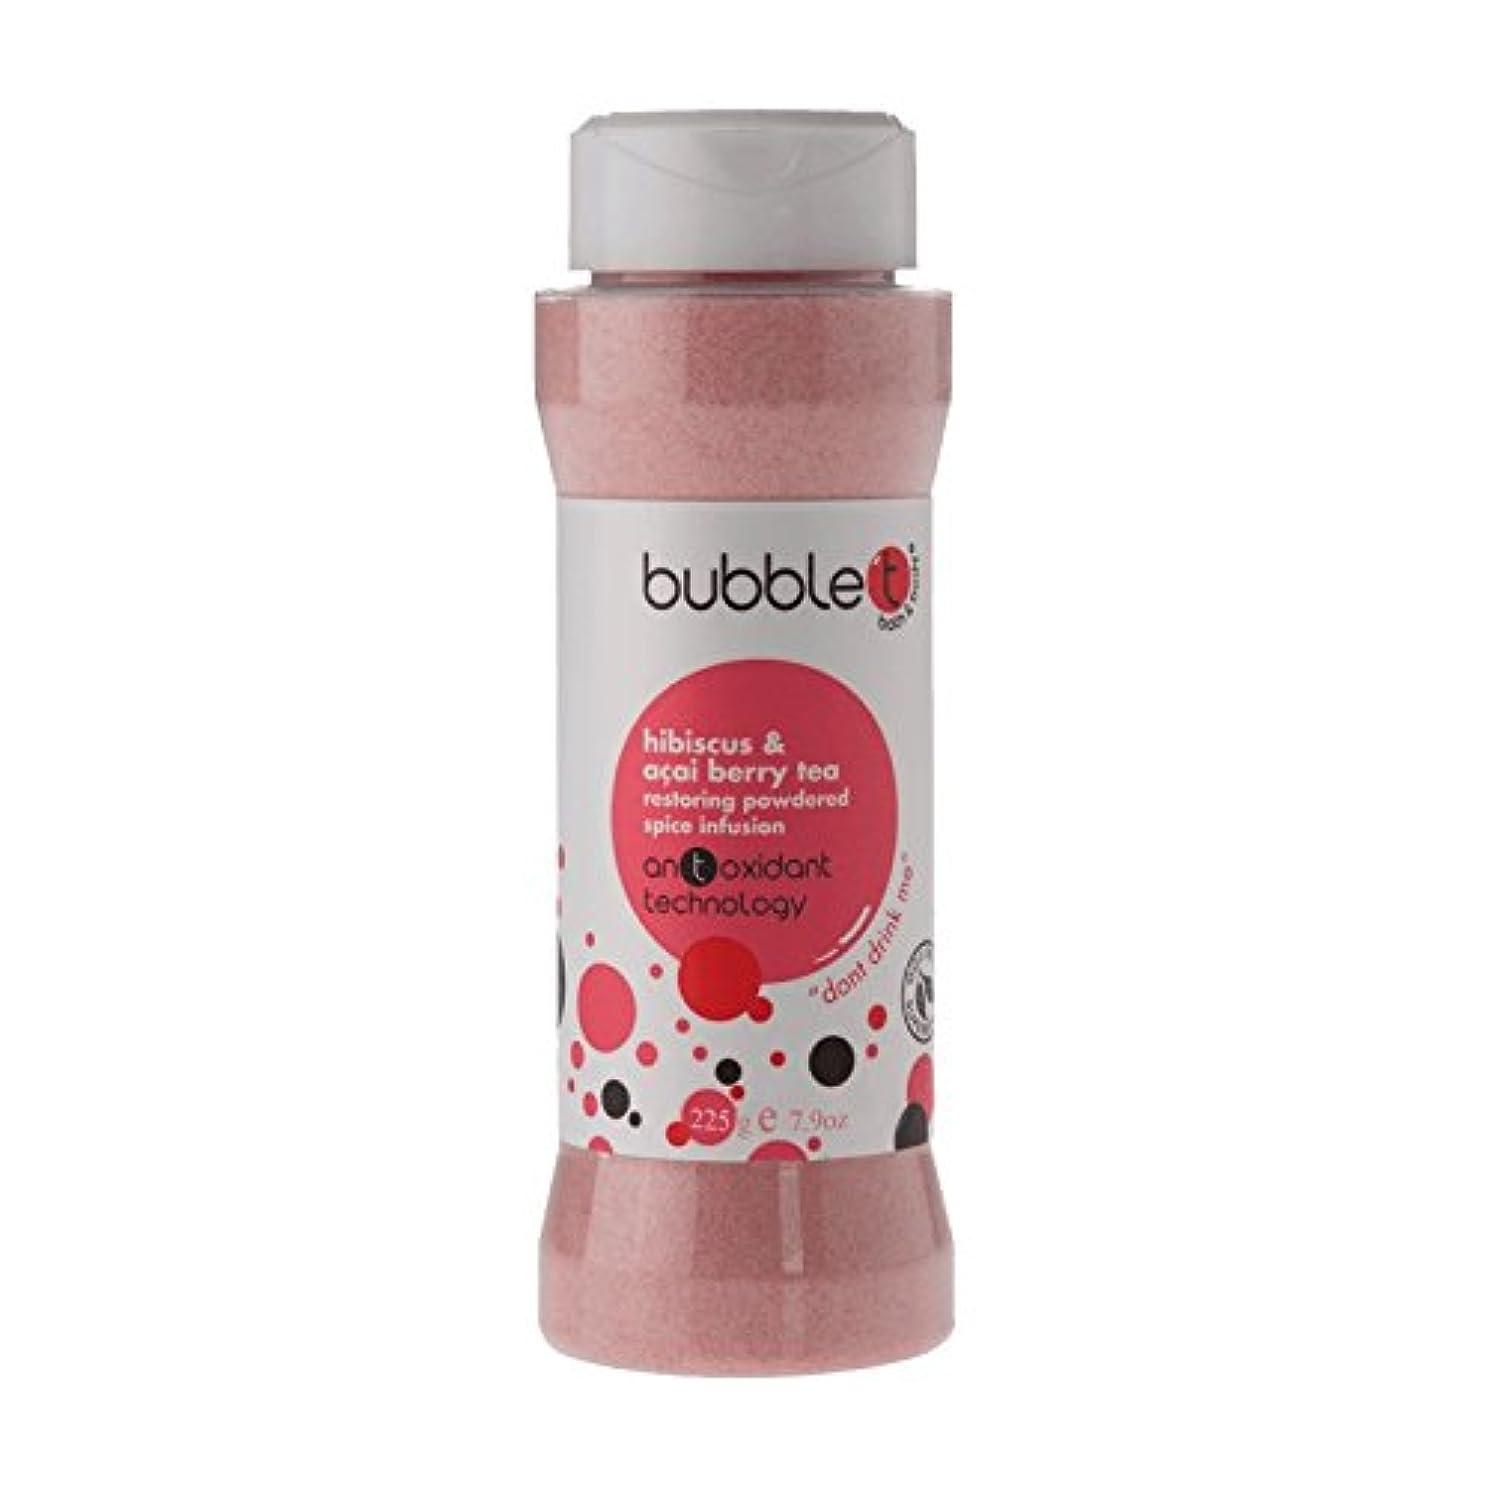 撤回するクマノミ私のバブルトン風呂スパイス注入ハイビスカス&アサイベリー茶225グラム - Bubble T Bath Spice Infusion Hibiscus & Acai Berry Tea 225g (Bubble T) [並行輸入品]